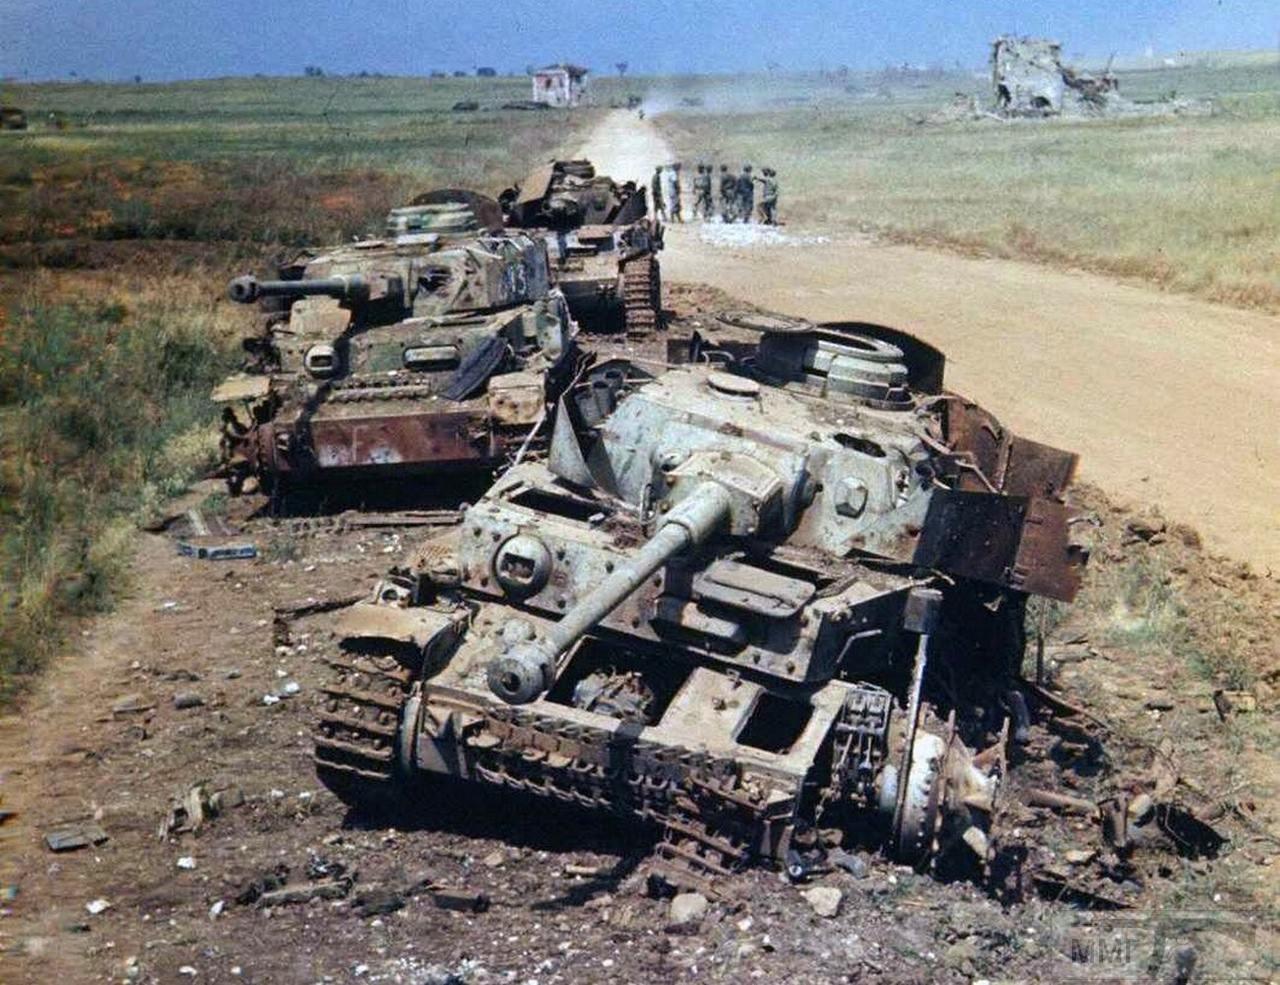 75821 - Военное фото 1939-1945 г.г. Западный фронт и Африка.